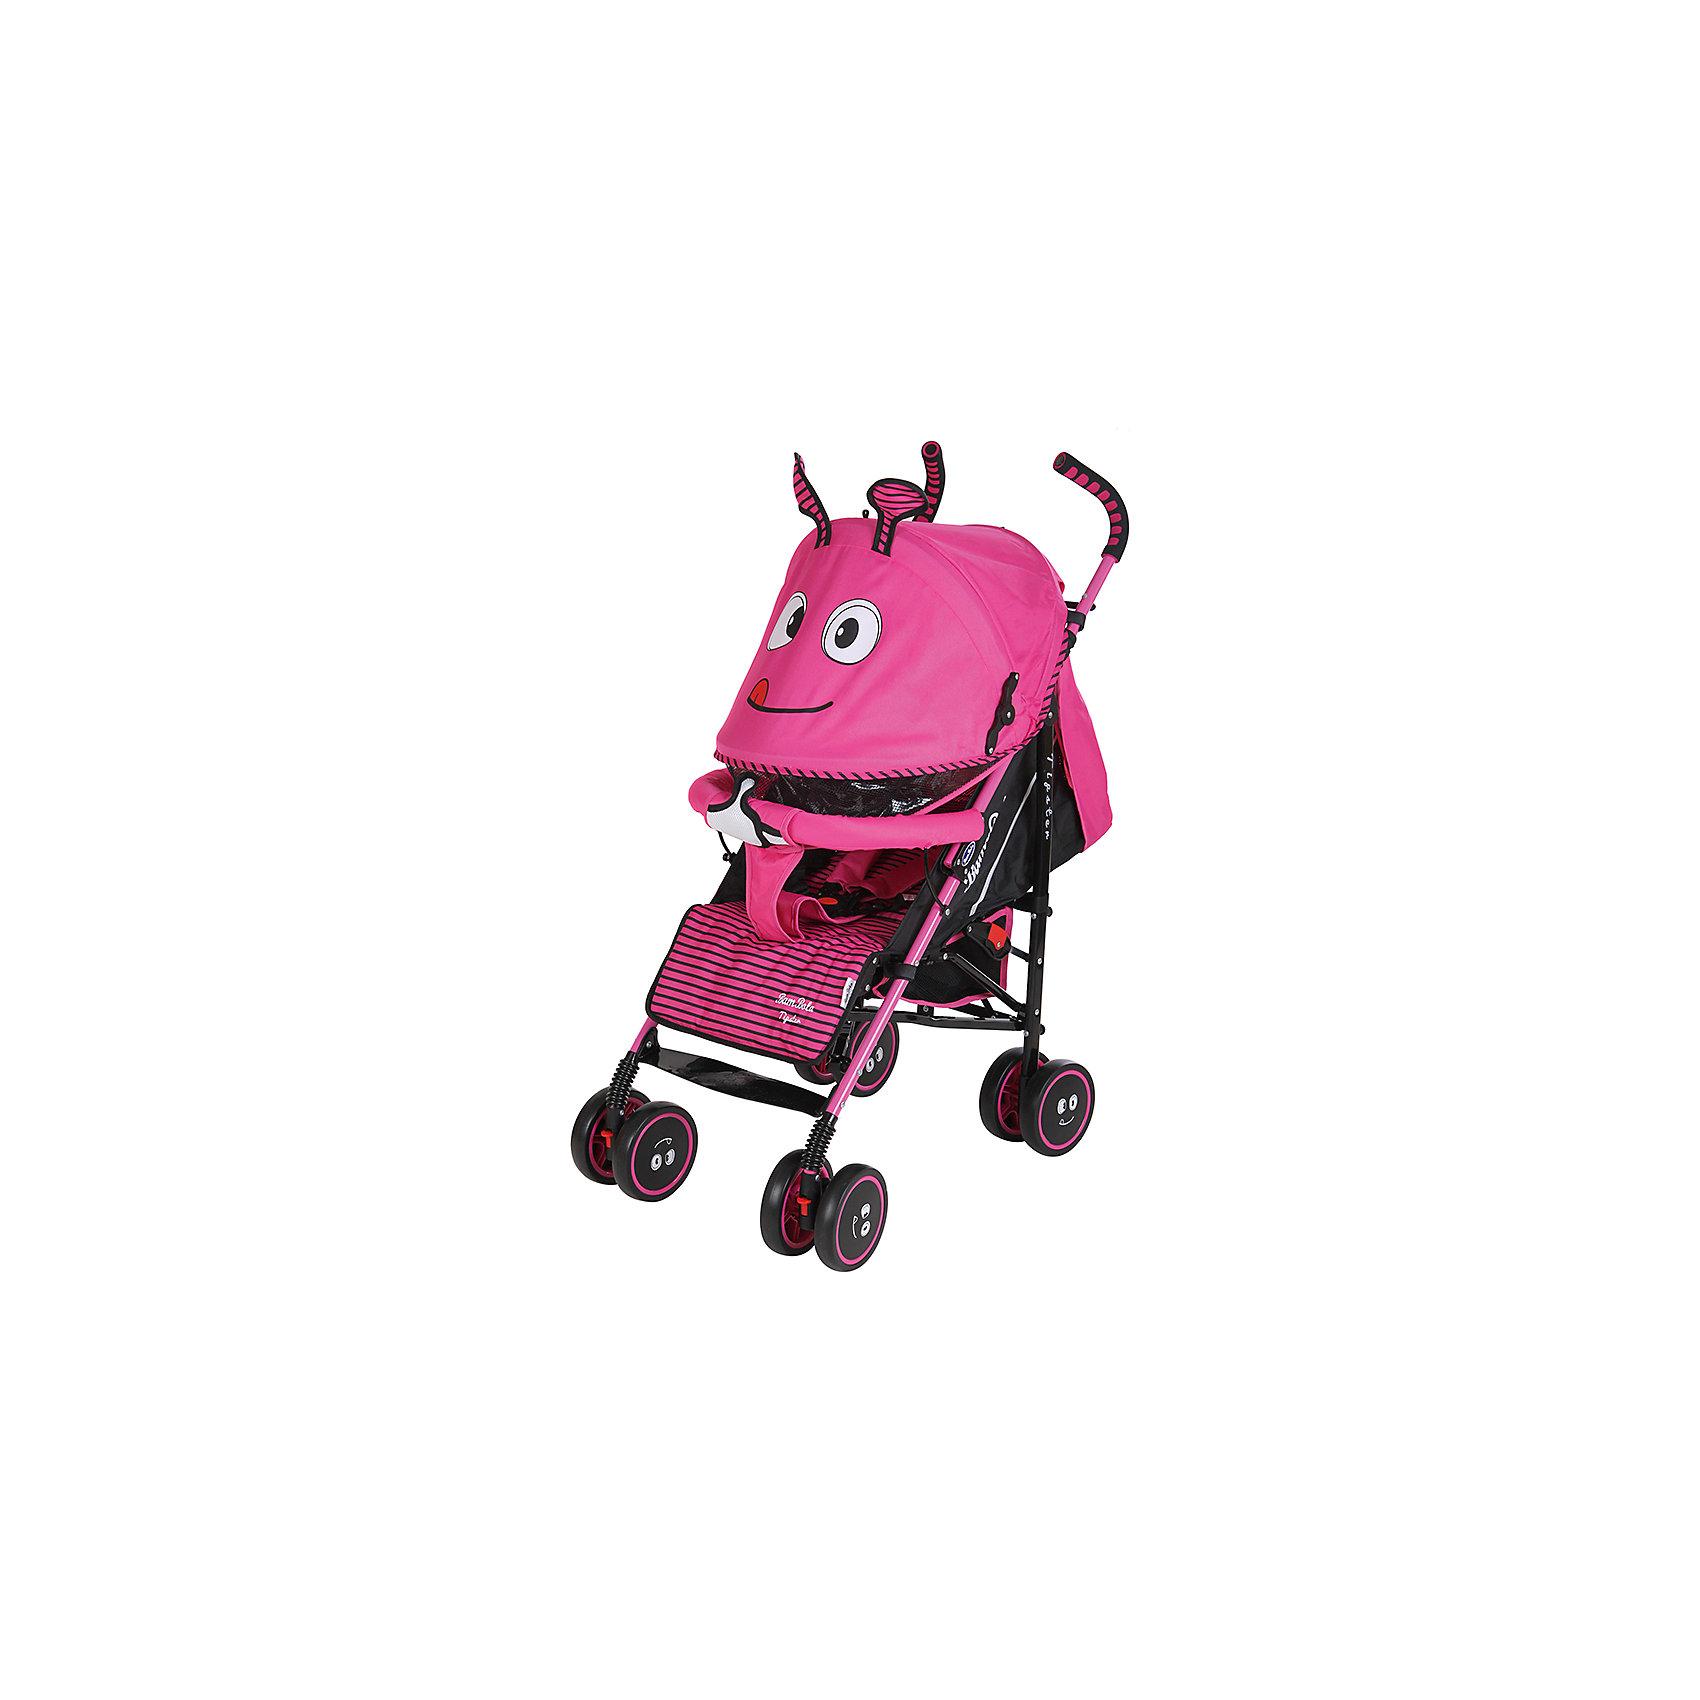 Коляска-трость Bambola Жужа, розовыйНедорогие коляски<br>Характеристики коляски-трости Bambola Жужа<br><br>Прогулочный блок:<br><br>• спинка регулируется в нескольких положениях, угол наклона 170 градусов;<br>• регулируется подножка, 2 положения;<br>• страховочный бампер отводится в стороны, имеется мягкий разделитель для ножек;<br>• дополнительная секция на капюшоне, смотровое окошко, москитная сетка;<br>• капюшон оснащен солнцезащитным козырьком, материал клеенка;<br>• капюшон опускается до бампера;<br>• 5-ти точечные ремни безопасности;<br>• держатель для бутылочки входит в комплект.<br><br>Шасси коляски:<br><br>• сдвоенные колеса: передние поворотные, задние с тормозом;<br>• съемные колеса;<br>• диаметр колес: 15,5 см;<br>• дополнительная пластиковая гибкая подножка для подросшего малыша;<br>• амортизация;<br>• механизм складывания: трость;<br>• материал: алюминий, пластик, полиэстер.<br><br>Размер коляски: 80х50х104 см<br>Размер коляски в сложенном виде: 33х26х102 см<br>Вес коляски: 7 кг<br>Вес упаковки: 7,76 кг<br><br>Коляску-трость Жужа, Bambola, розовый цвет можно купить в нашем интернет-магазине.<br><br>Ширина мм: 320<br>Глубина мм: 260<br>Высота мм: 1020<br>Вес г: 7760<br>Возраст от месяцев: 6<br>Возраст до месяцев: 36<br>Пол: Женский<br>Возраст: Детский<br>SKU: 5559172